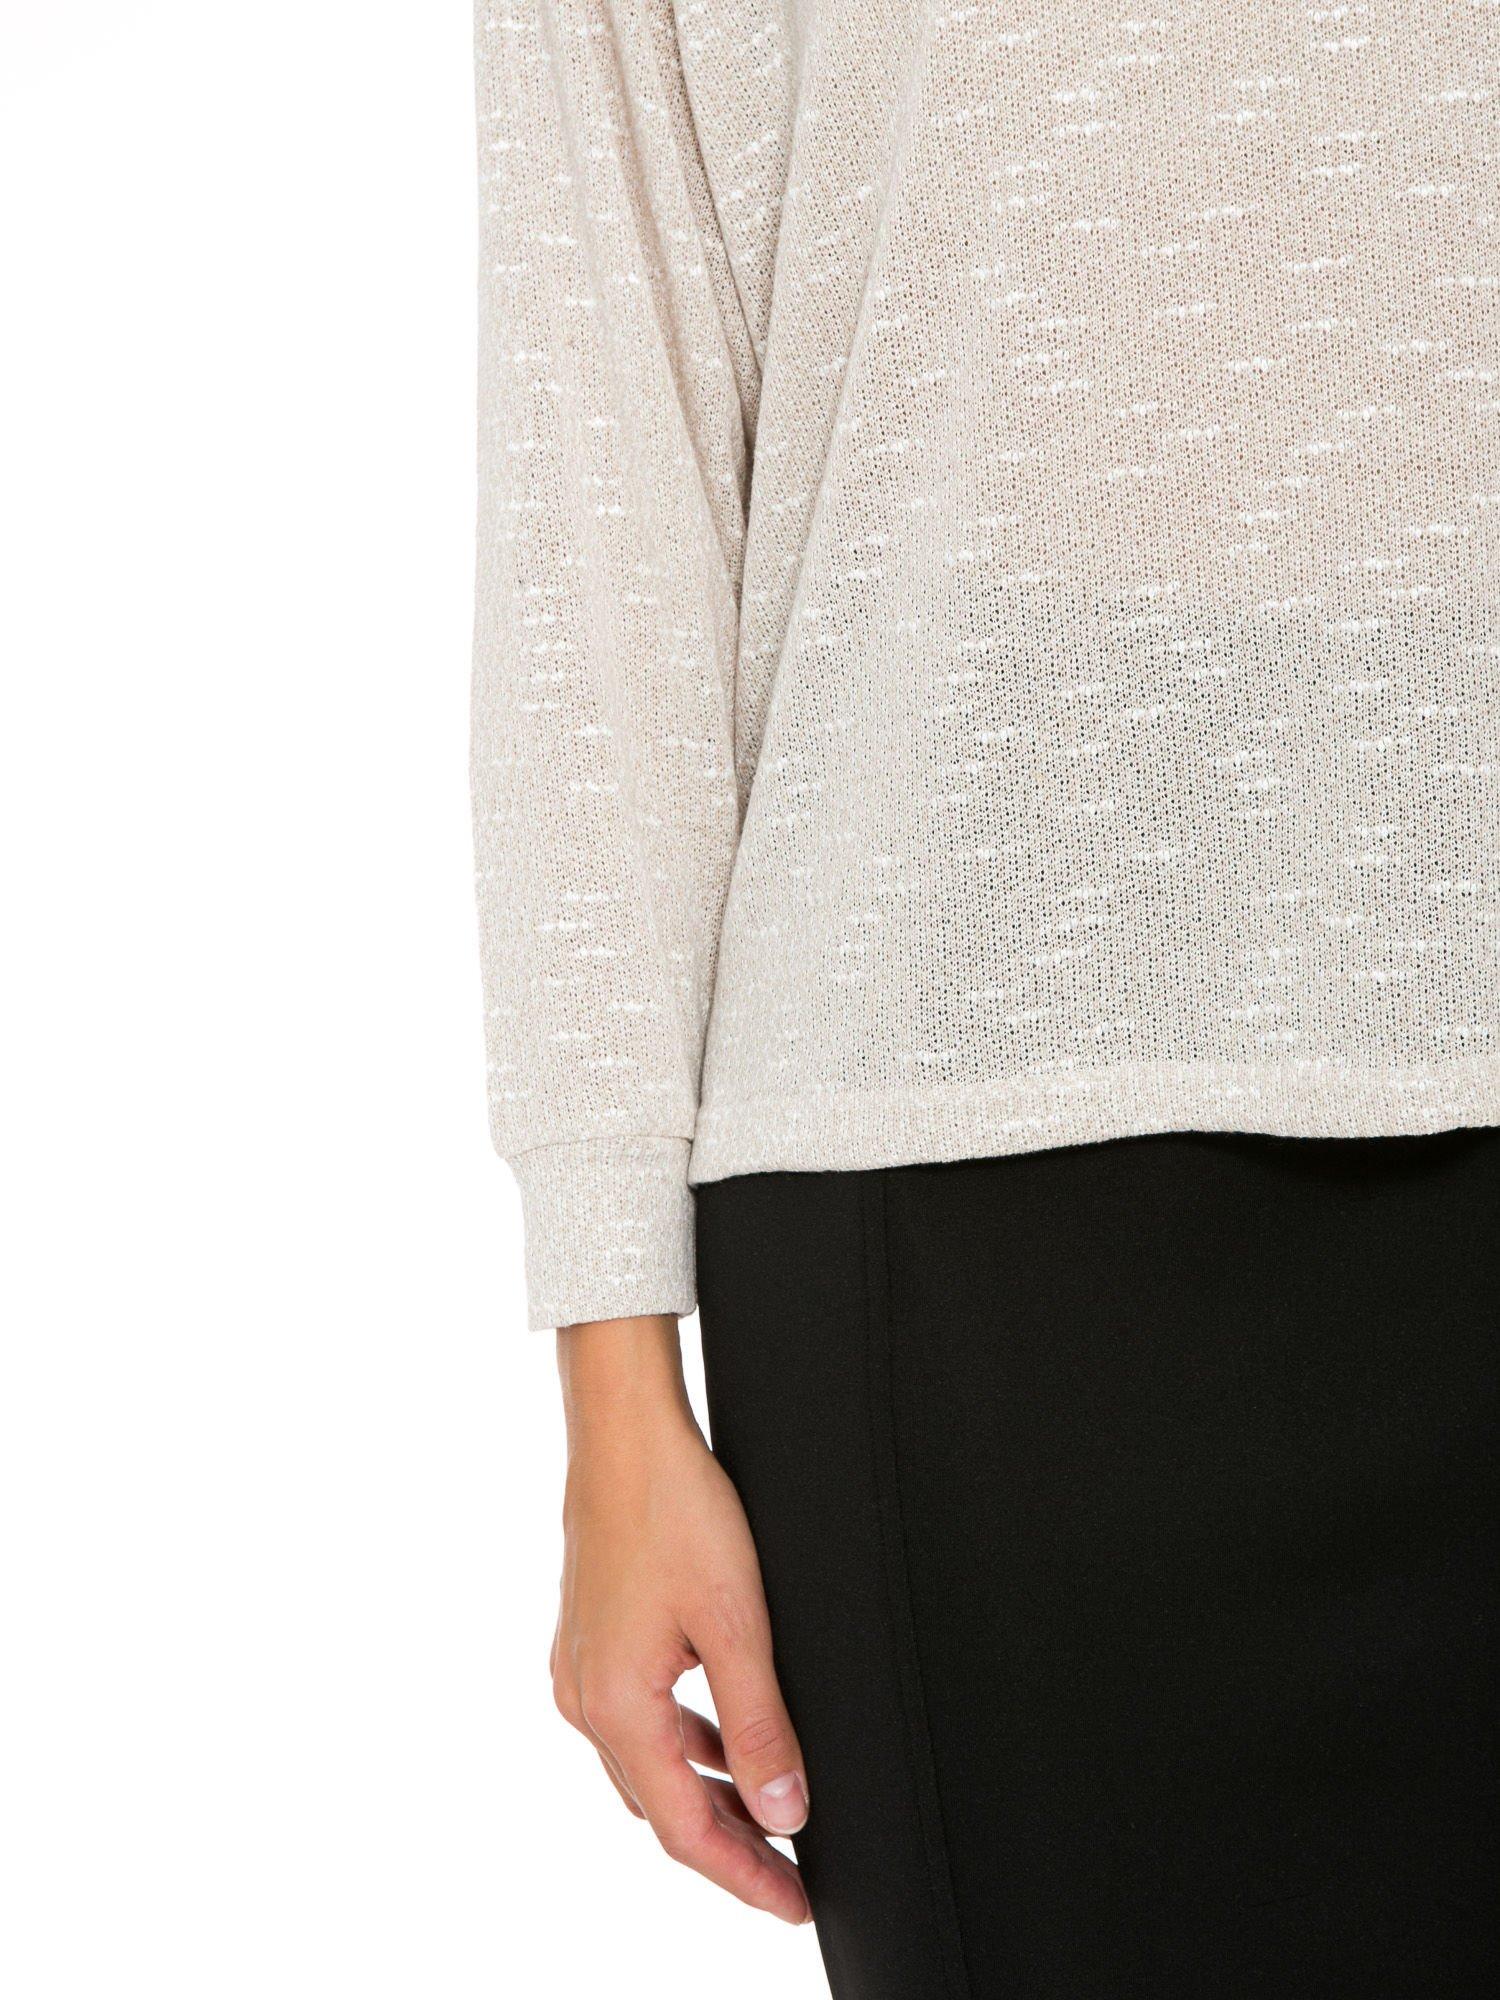 Beżowa bluzka oversize z nietoperzowymi rękawami                                  zdj.                                  7